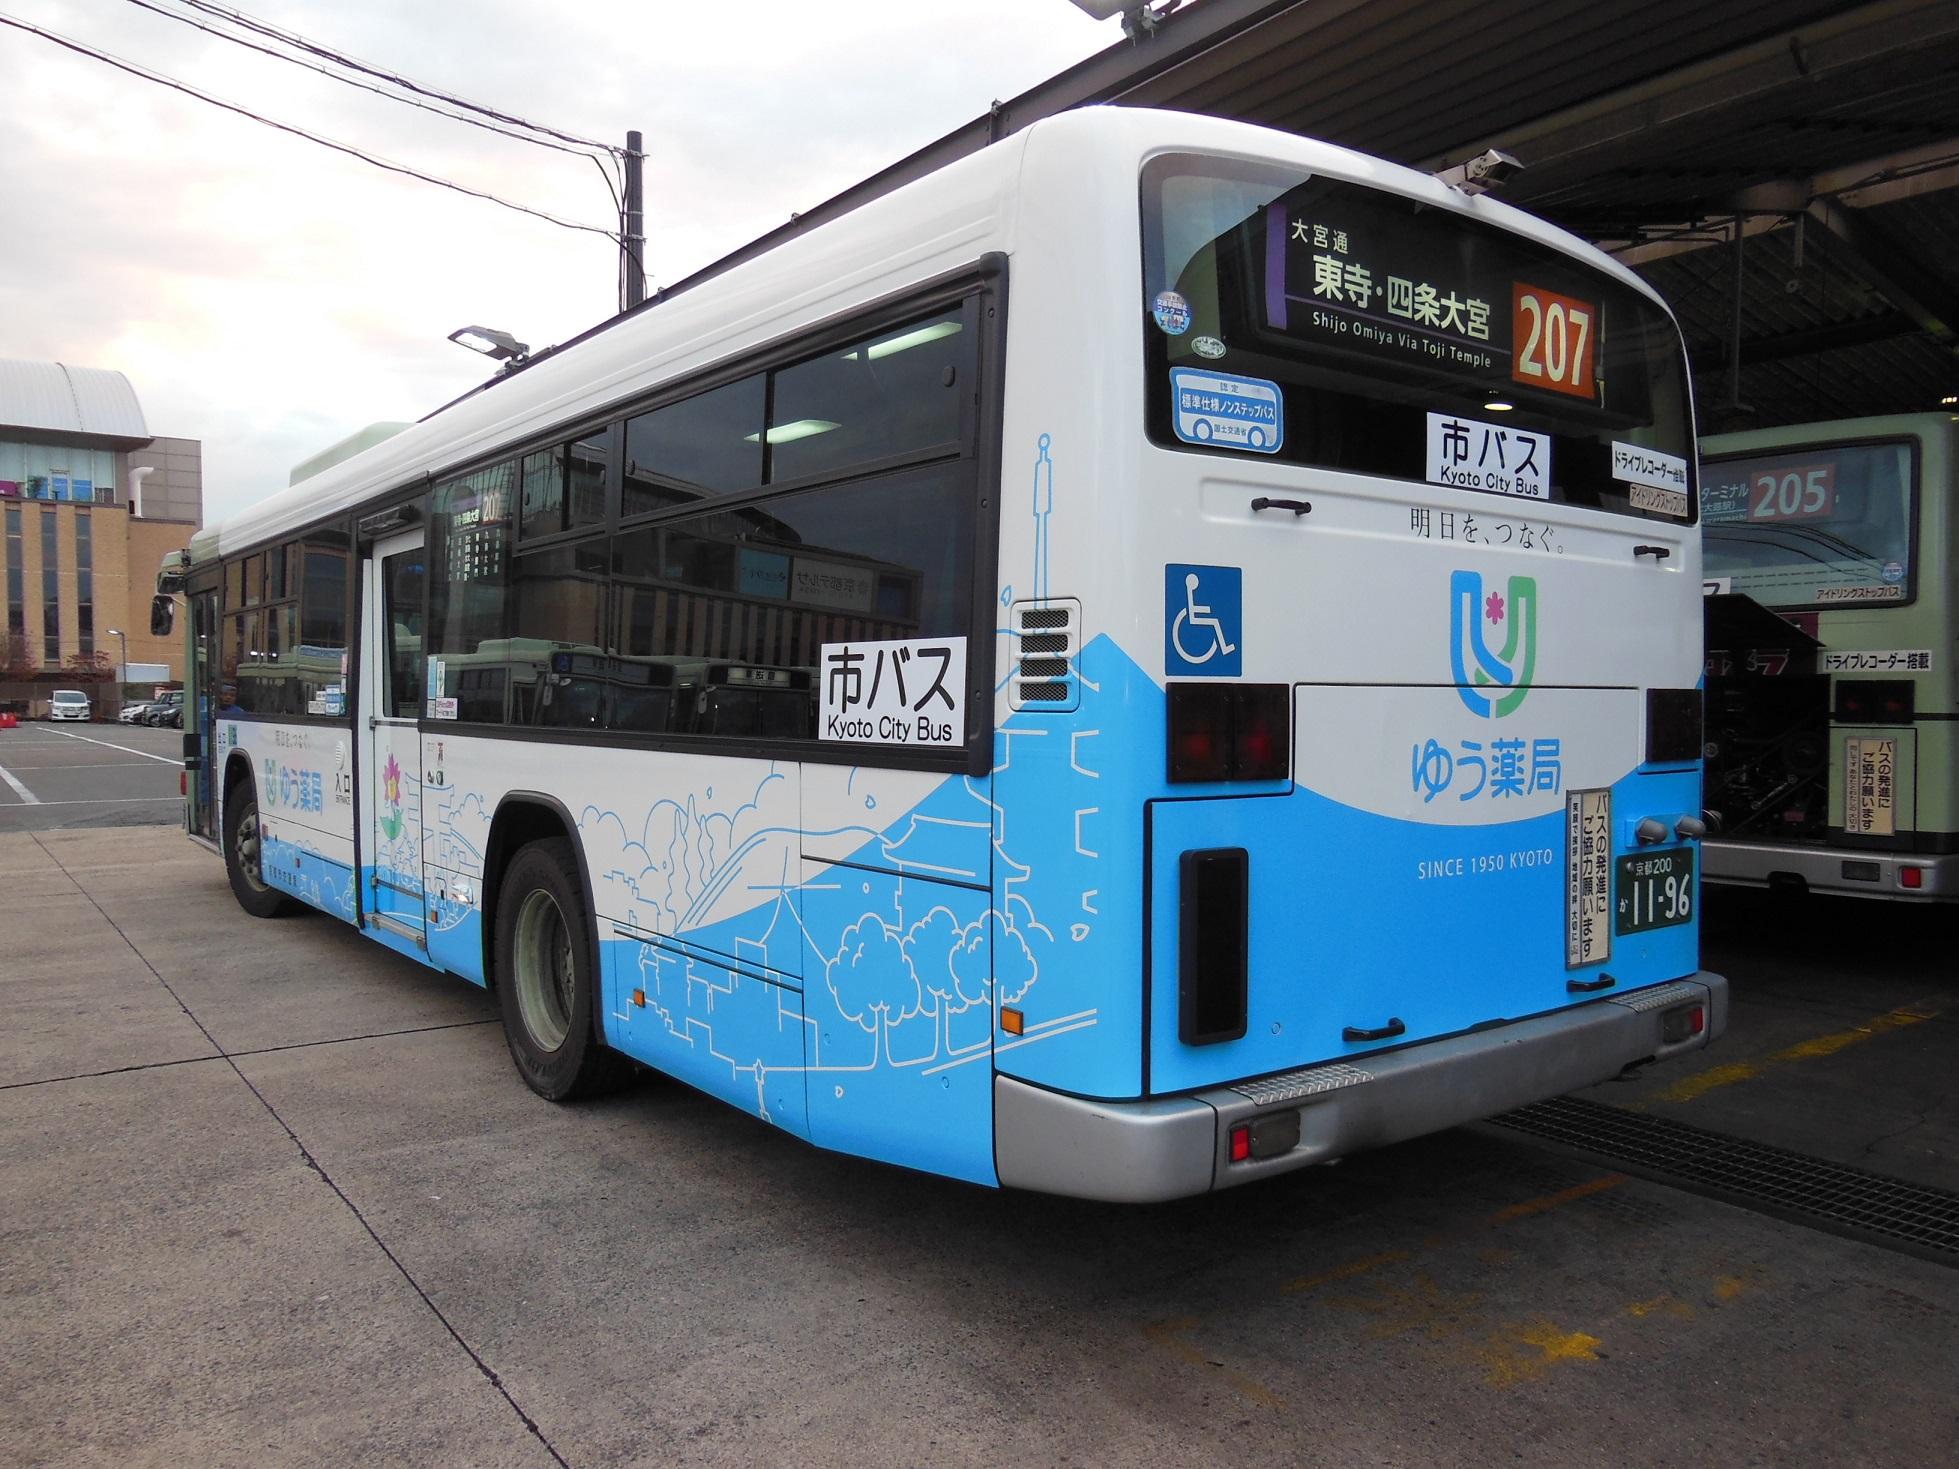 DSCN7392